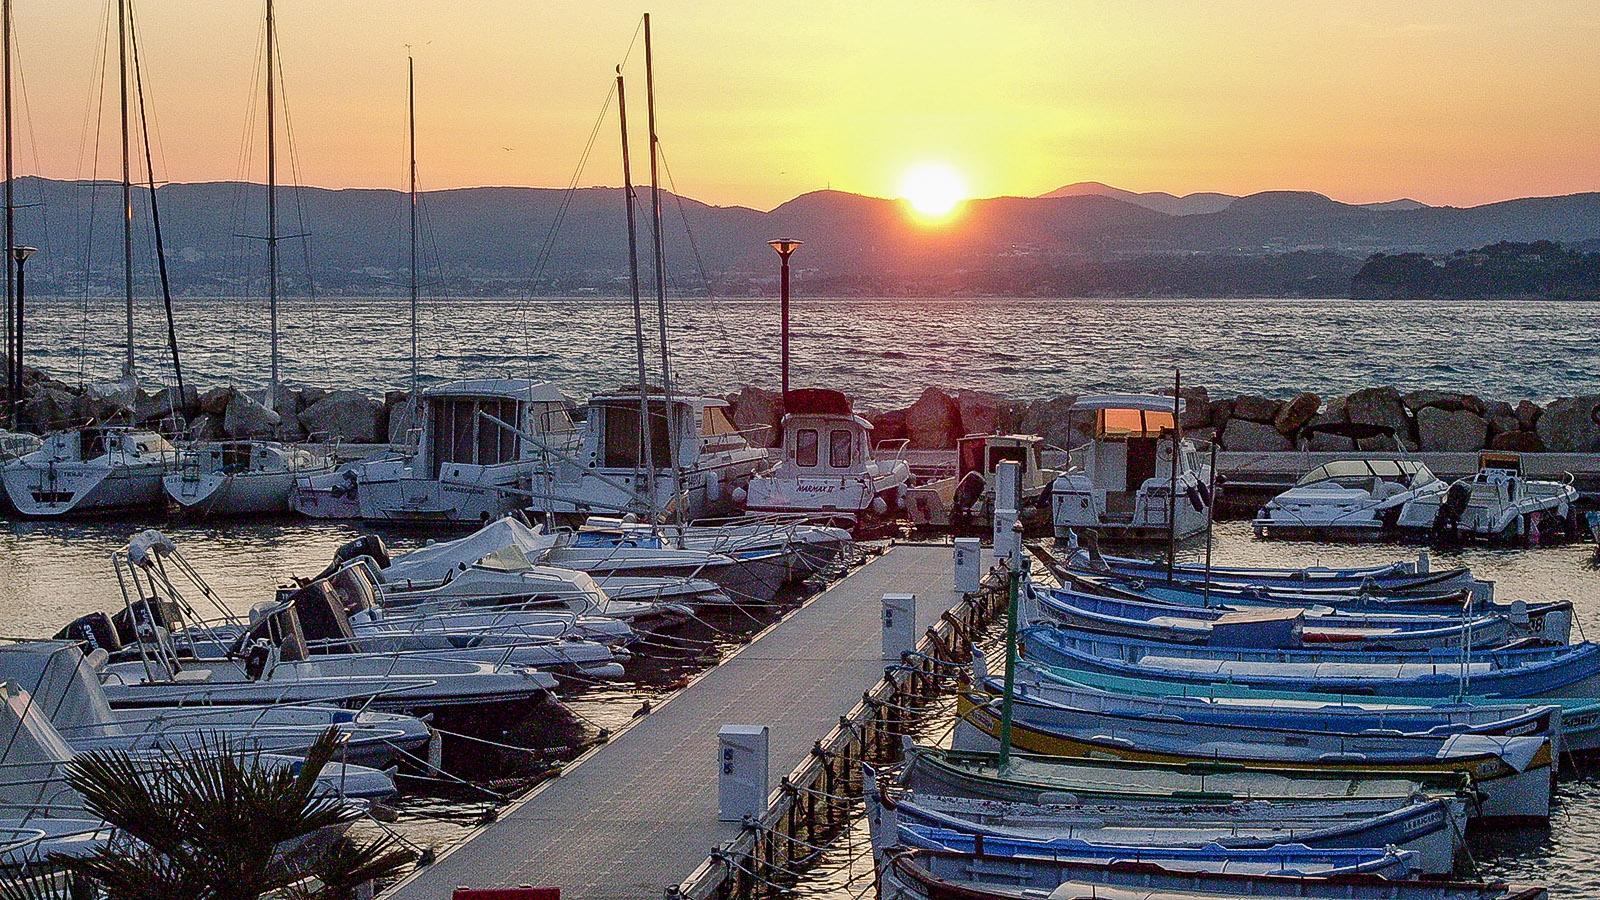 Saint-Cyr: Abendstimmung am kleinen Hafen von La Madrague. Foto: Hilke Maunder